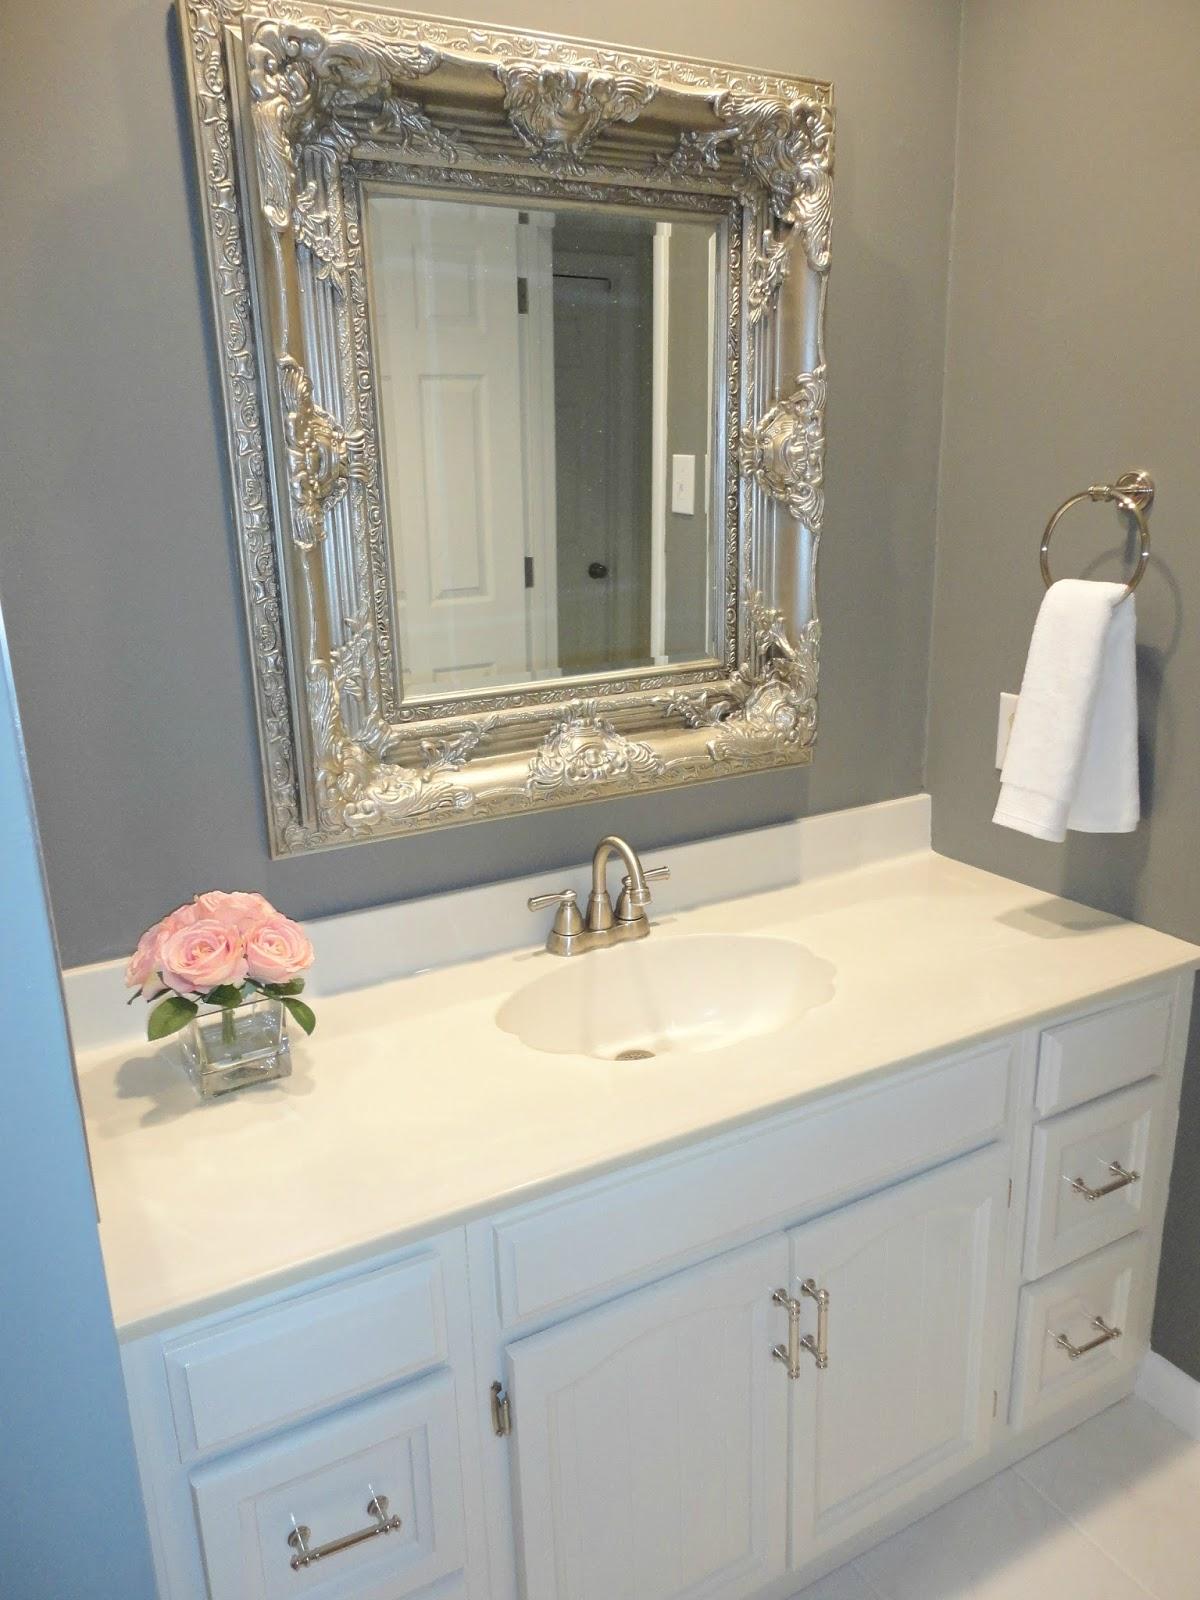 LiveLoveDIY DIY Bathroom Remodel on a Bud